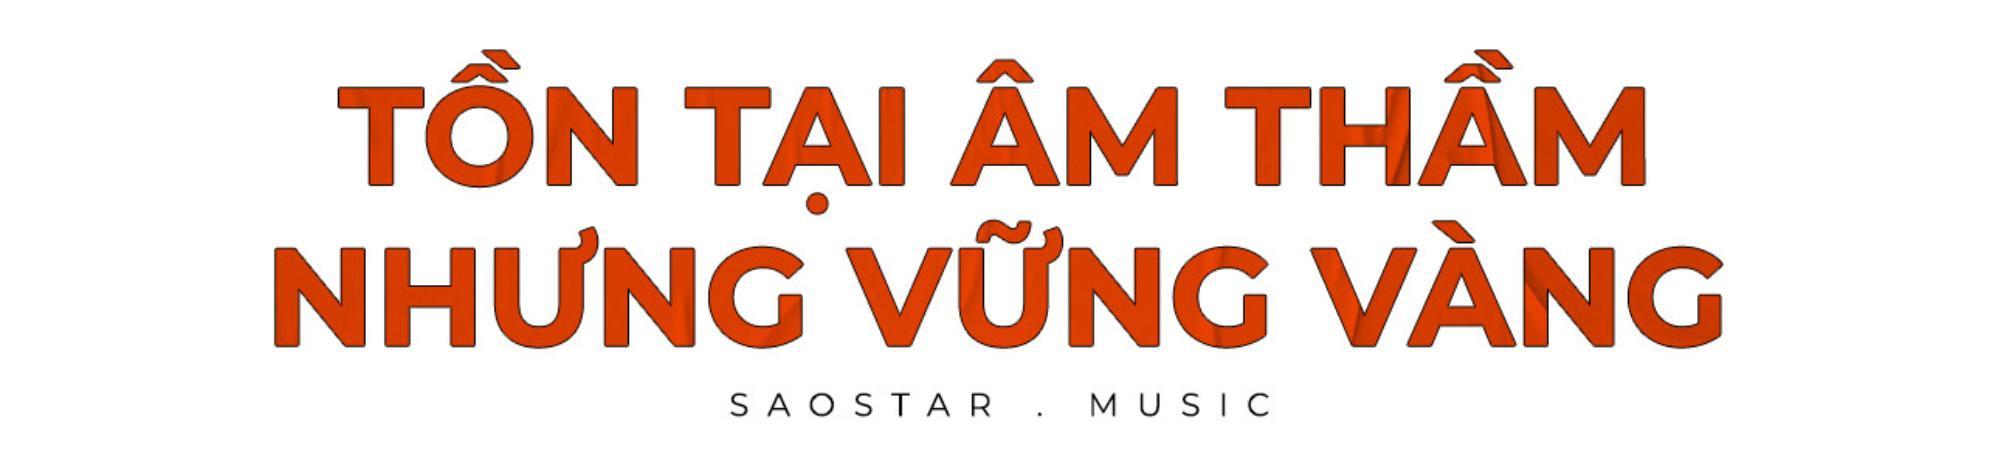 Indie và câu chuyện 'sinh tồn' trong nhạc Việt Ảnh 6